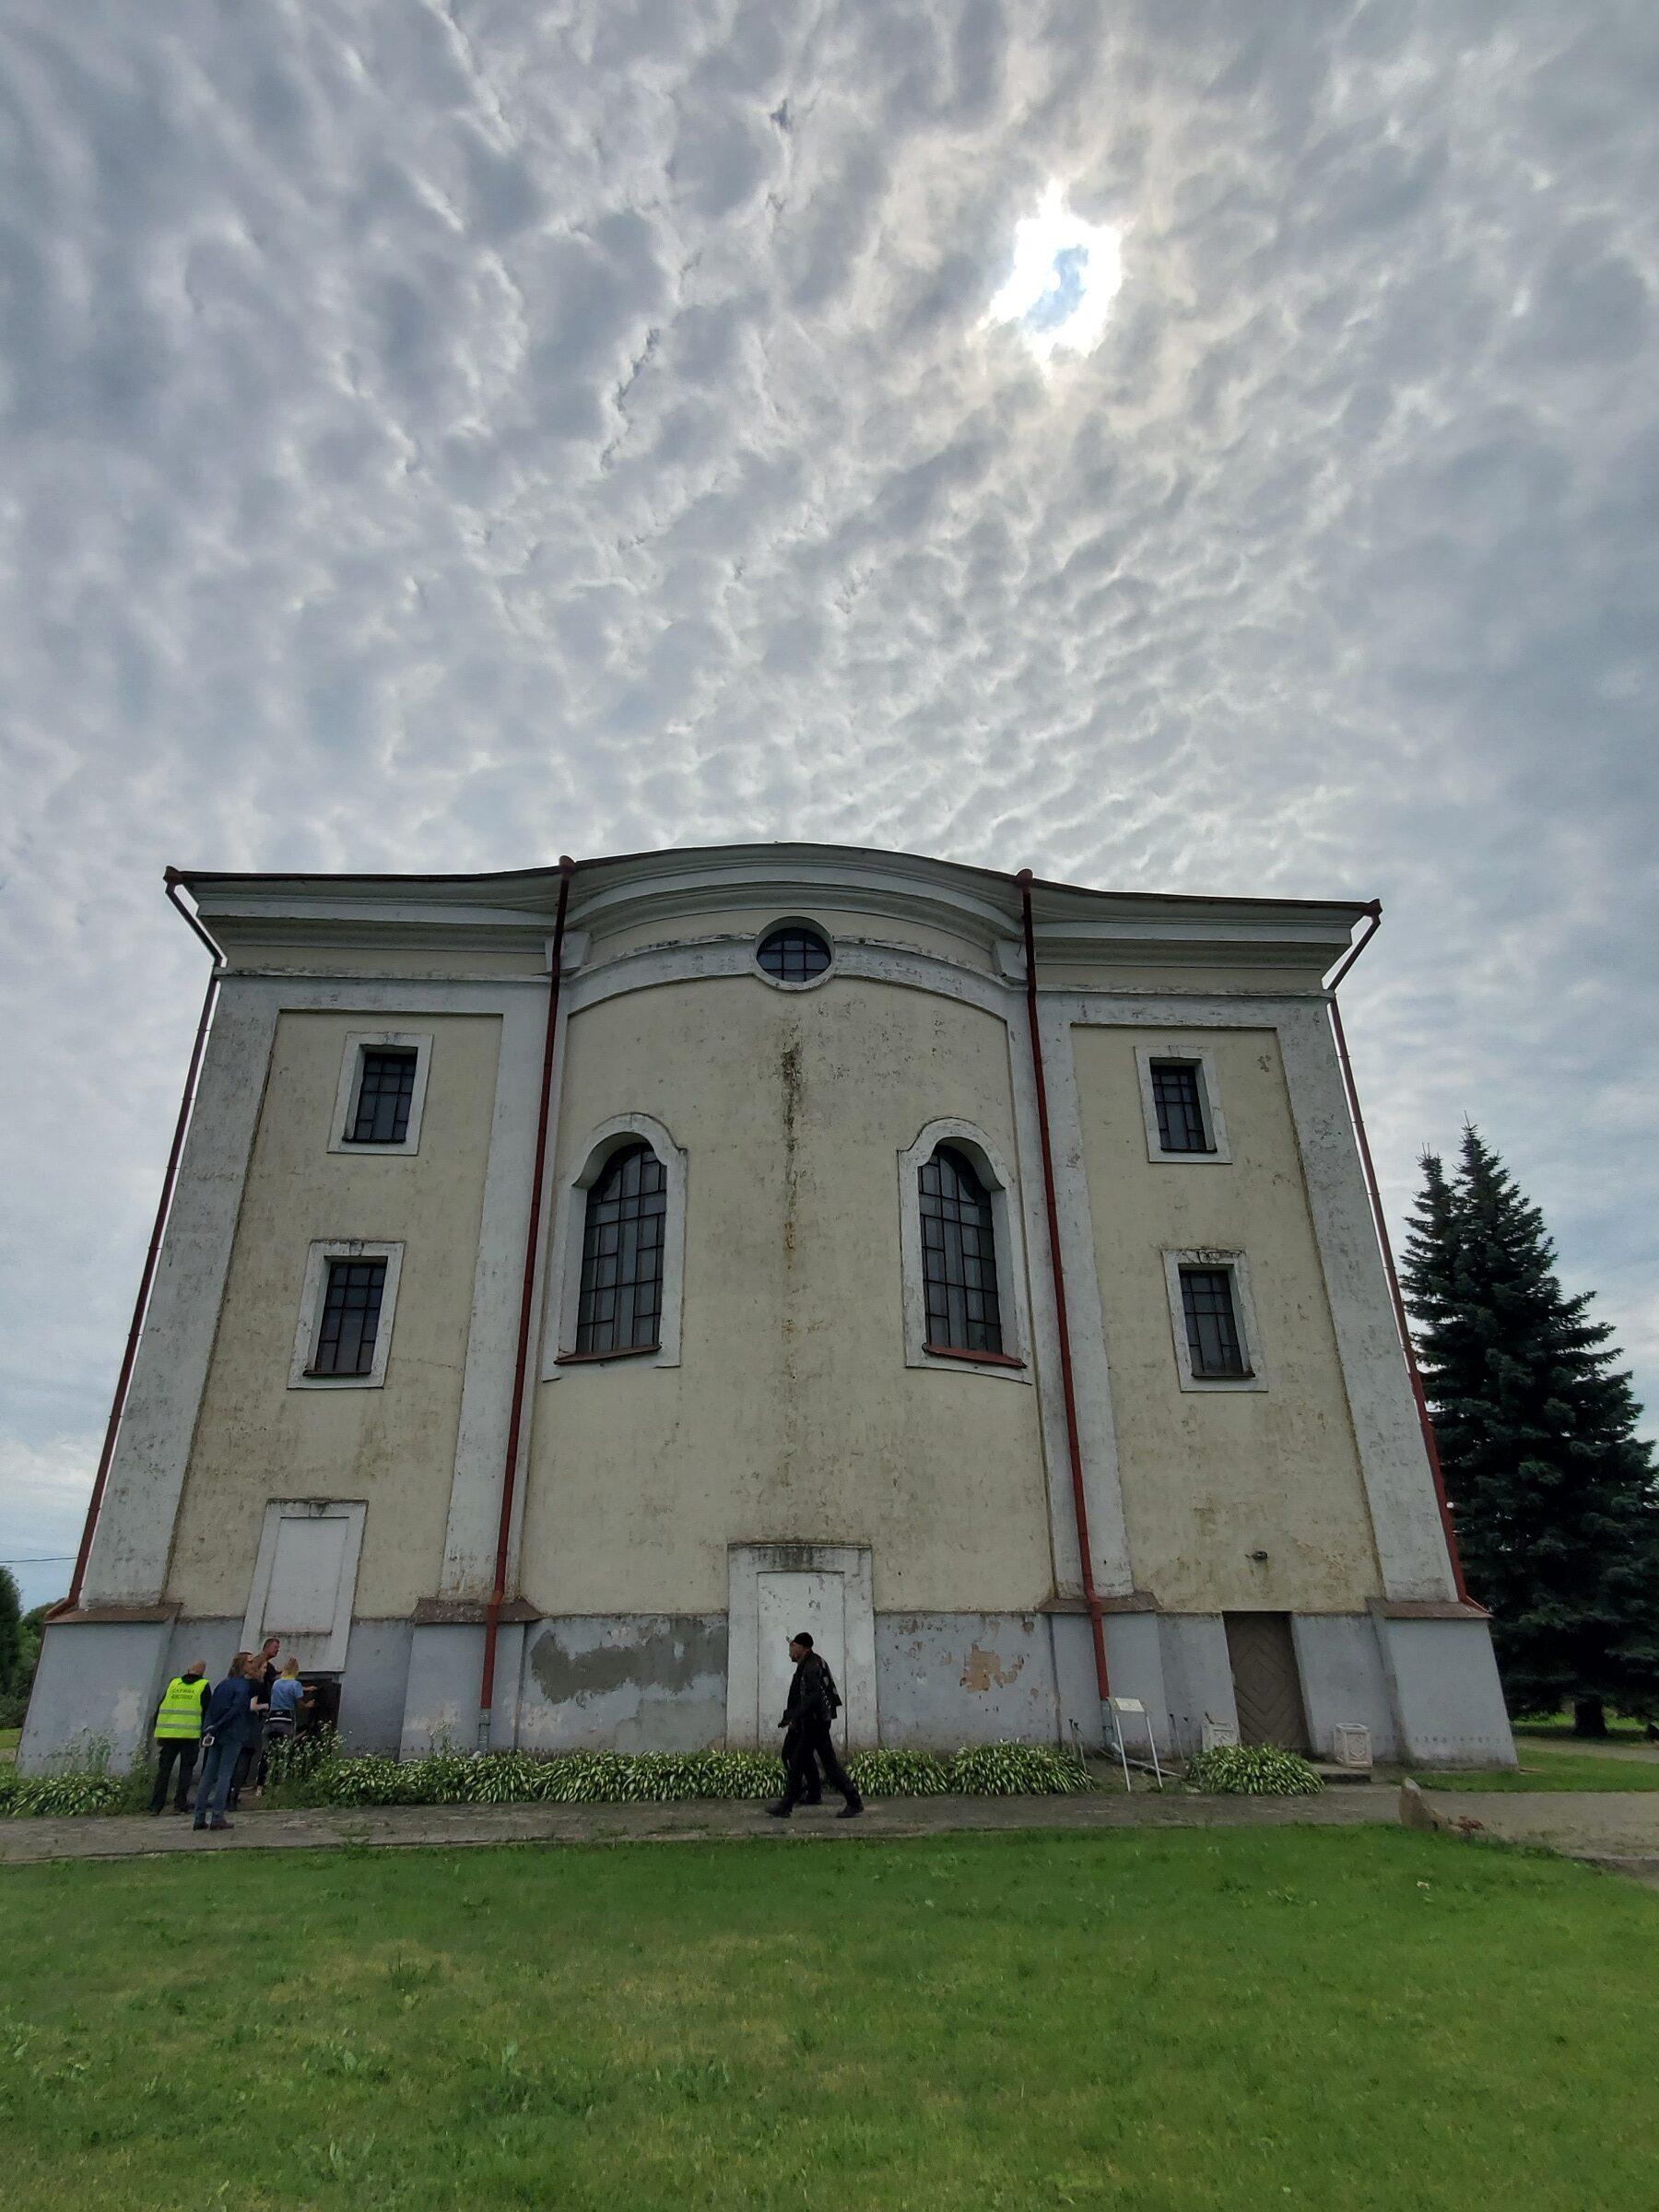 20200703 133731 rotated - Храм Непорочного Зачатия Девы Марии в Удело